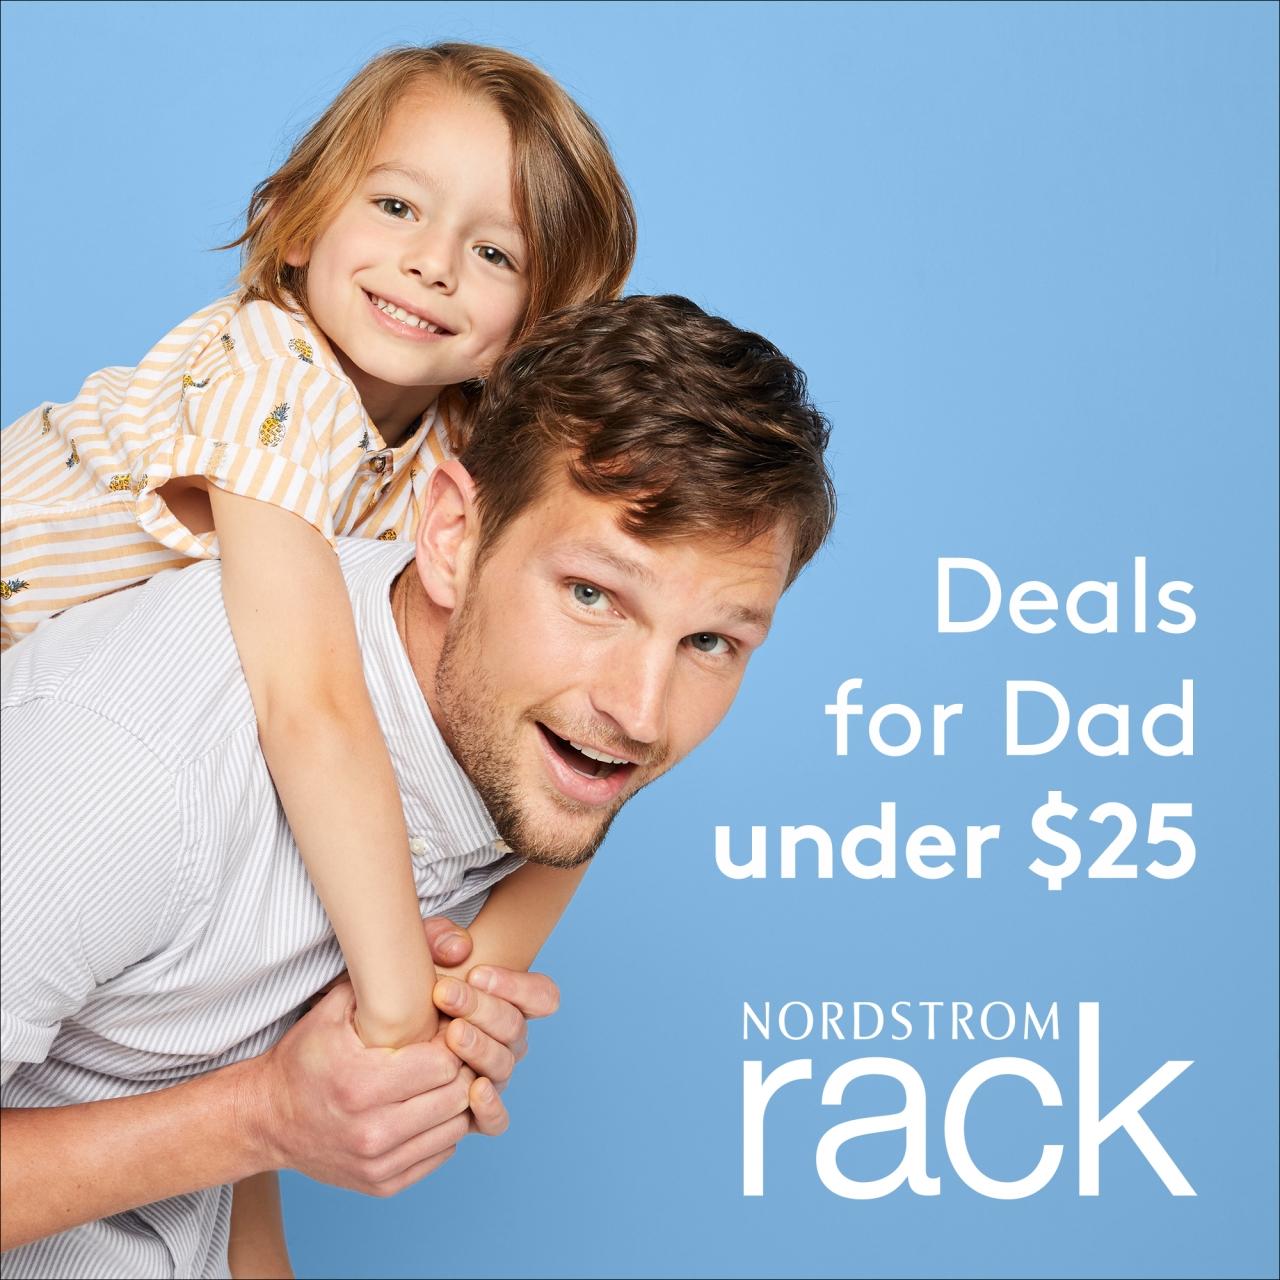 Nordstrom_Rack_Father_s_Day_at_Nordstrom_Rack_1280x1280_EN.JPG